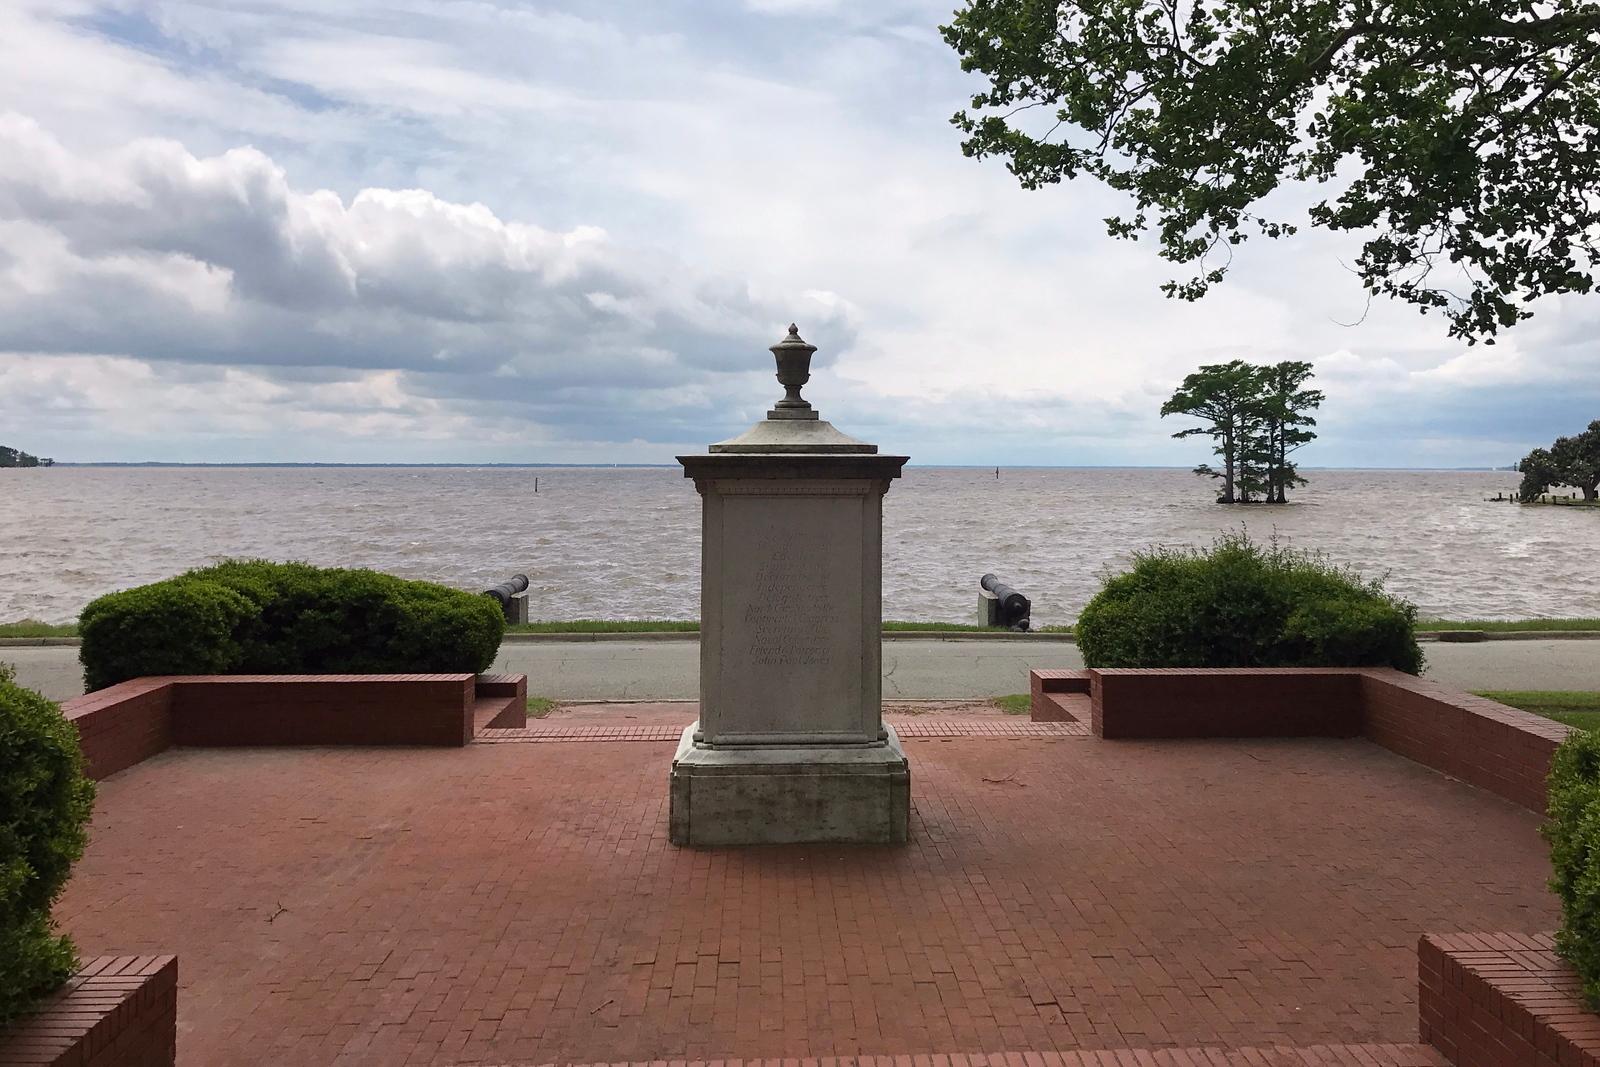 Joseph Hewes Memorial